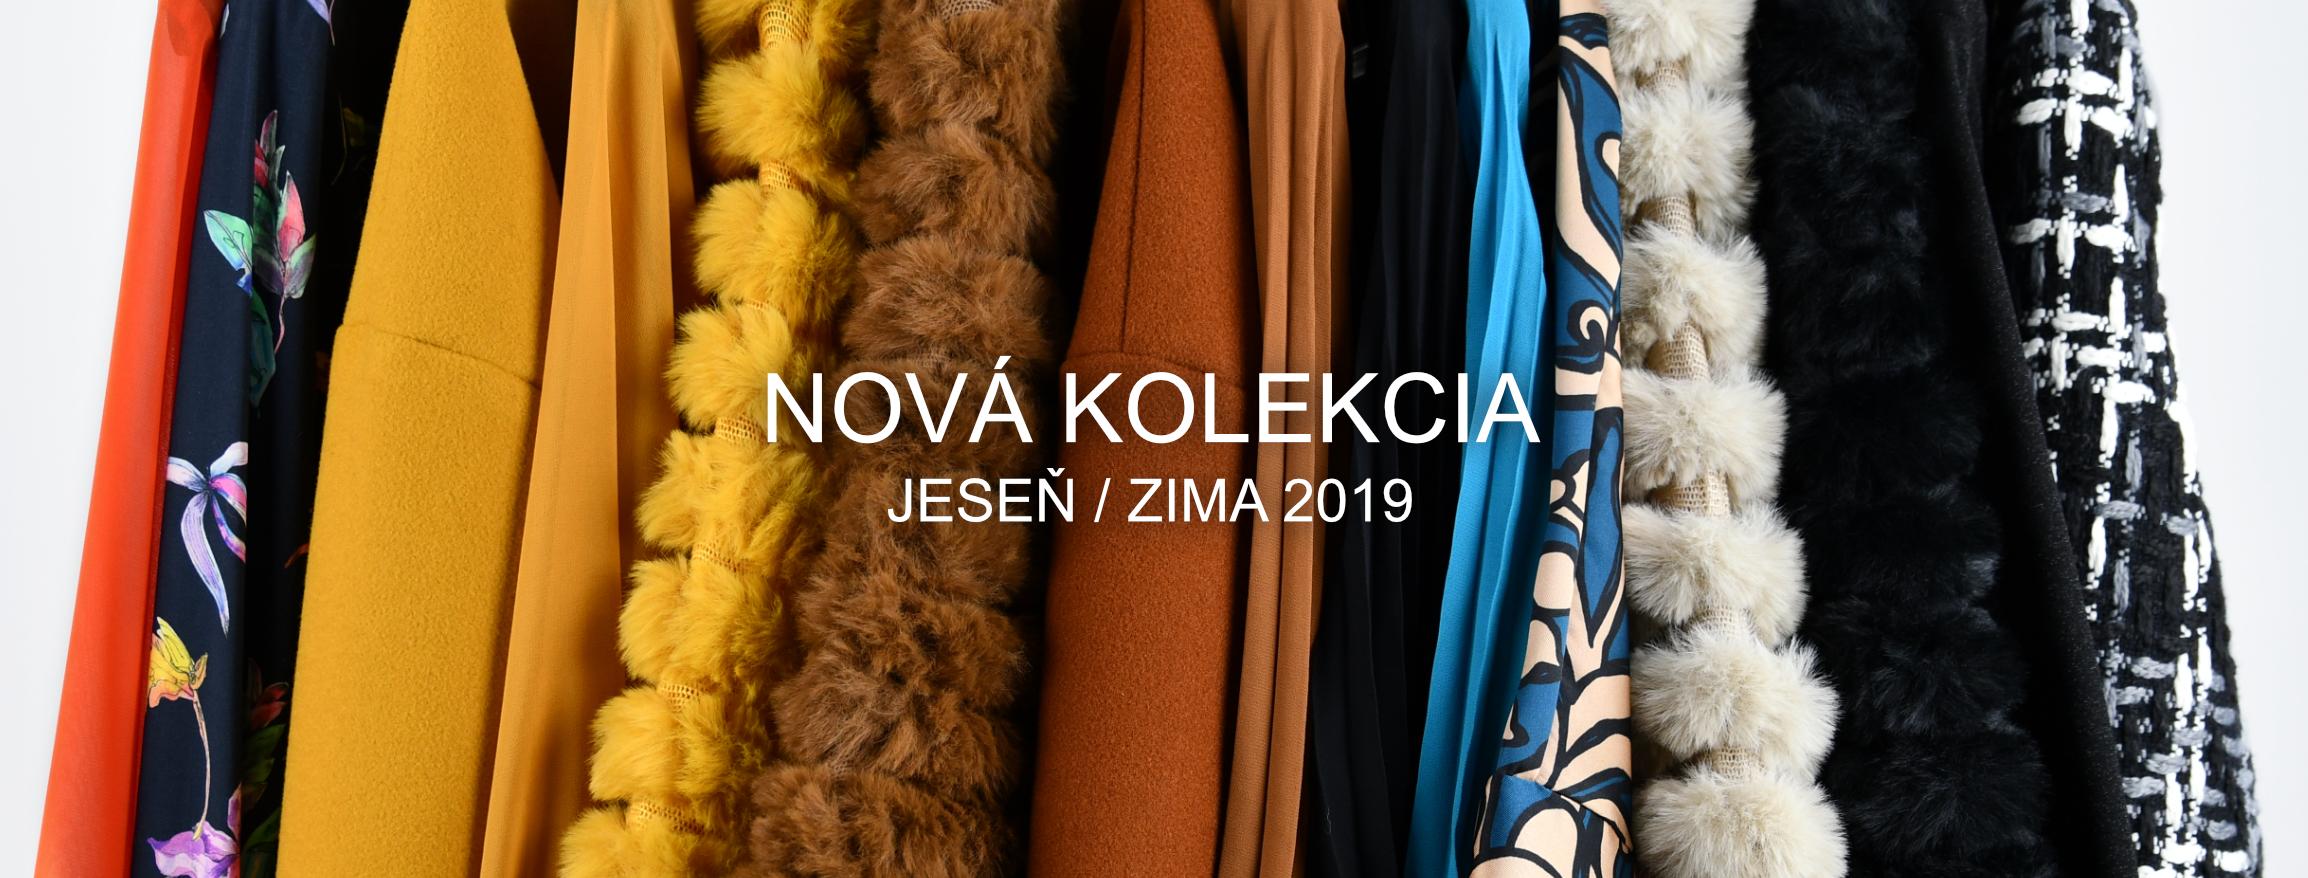 Nová kolekcia - Jeseň / Zima 2019